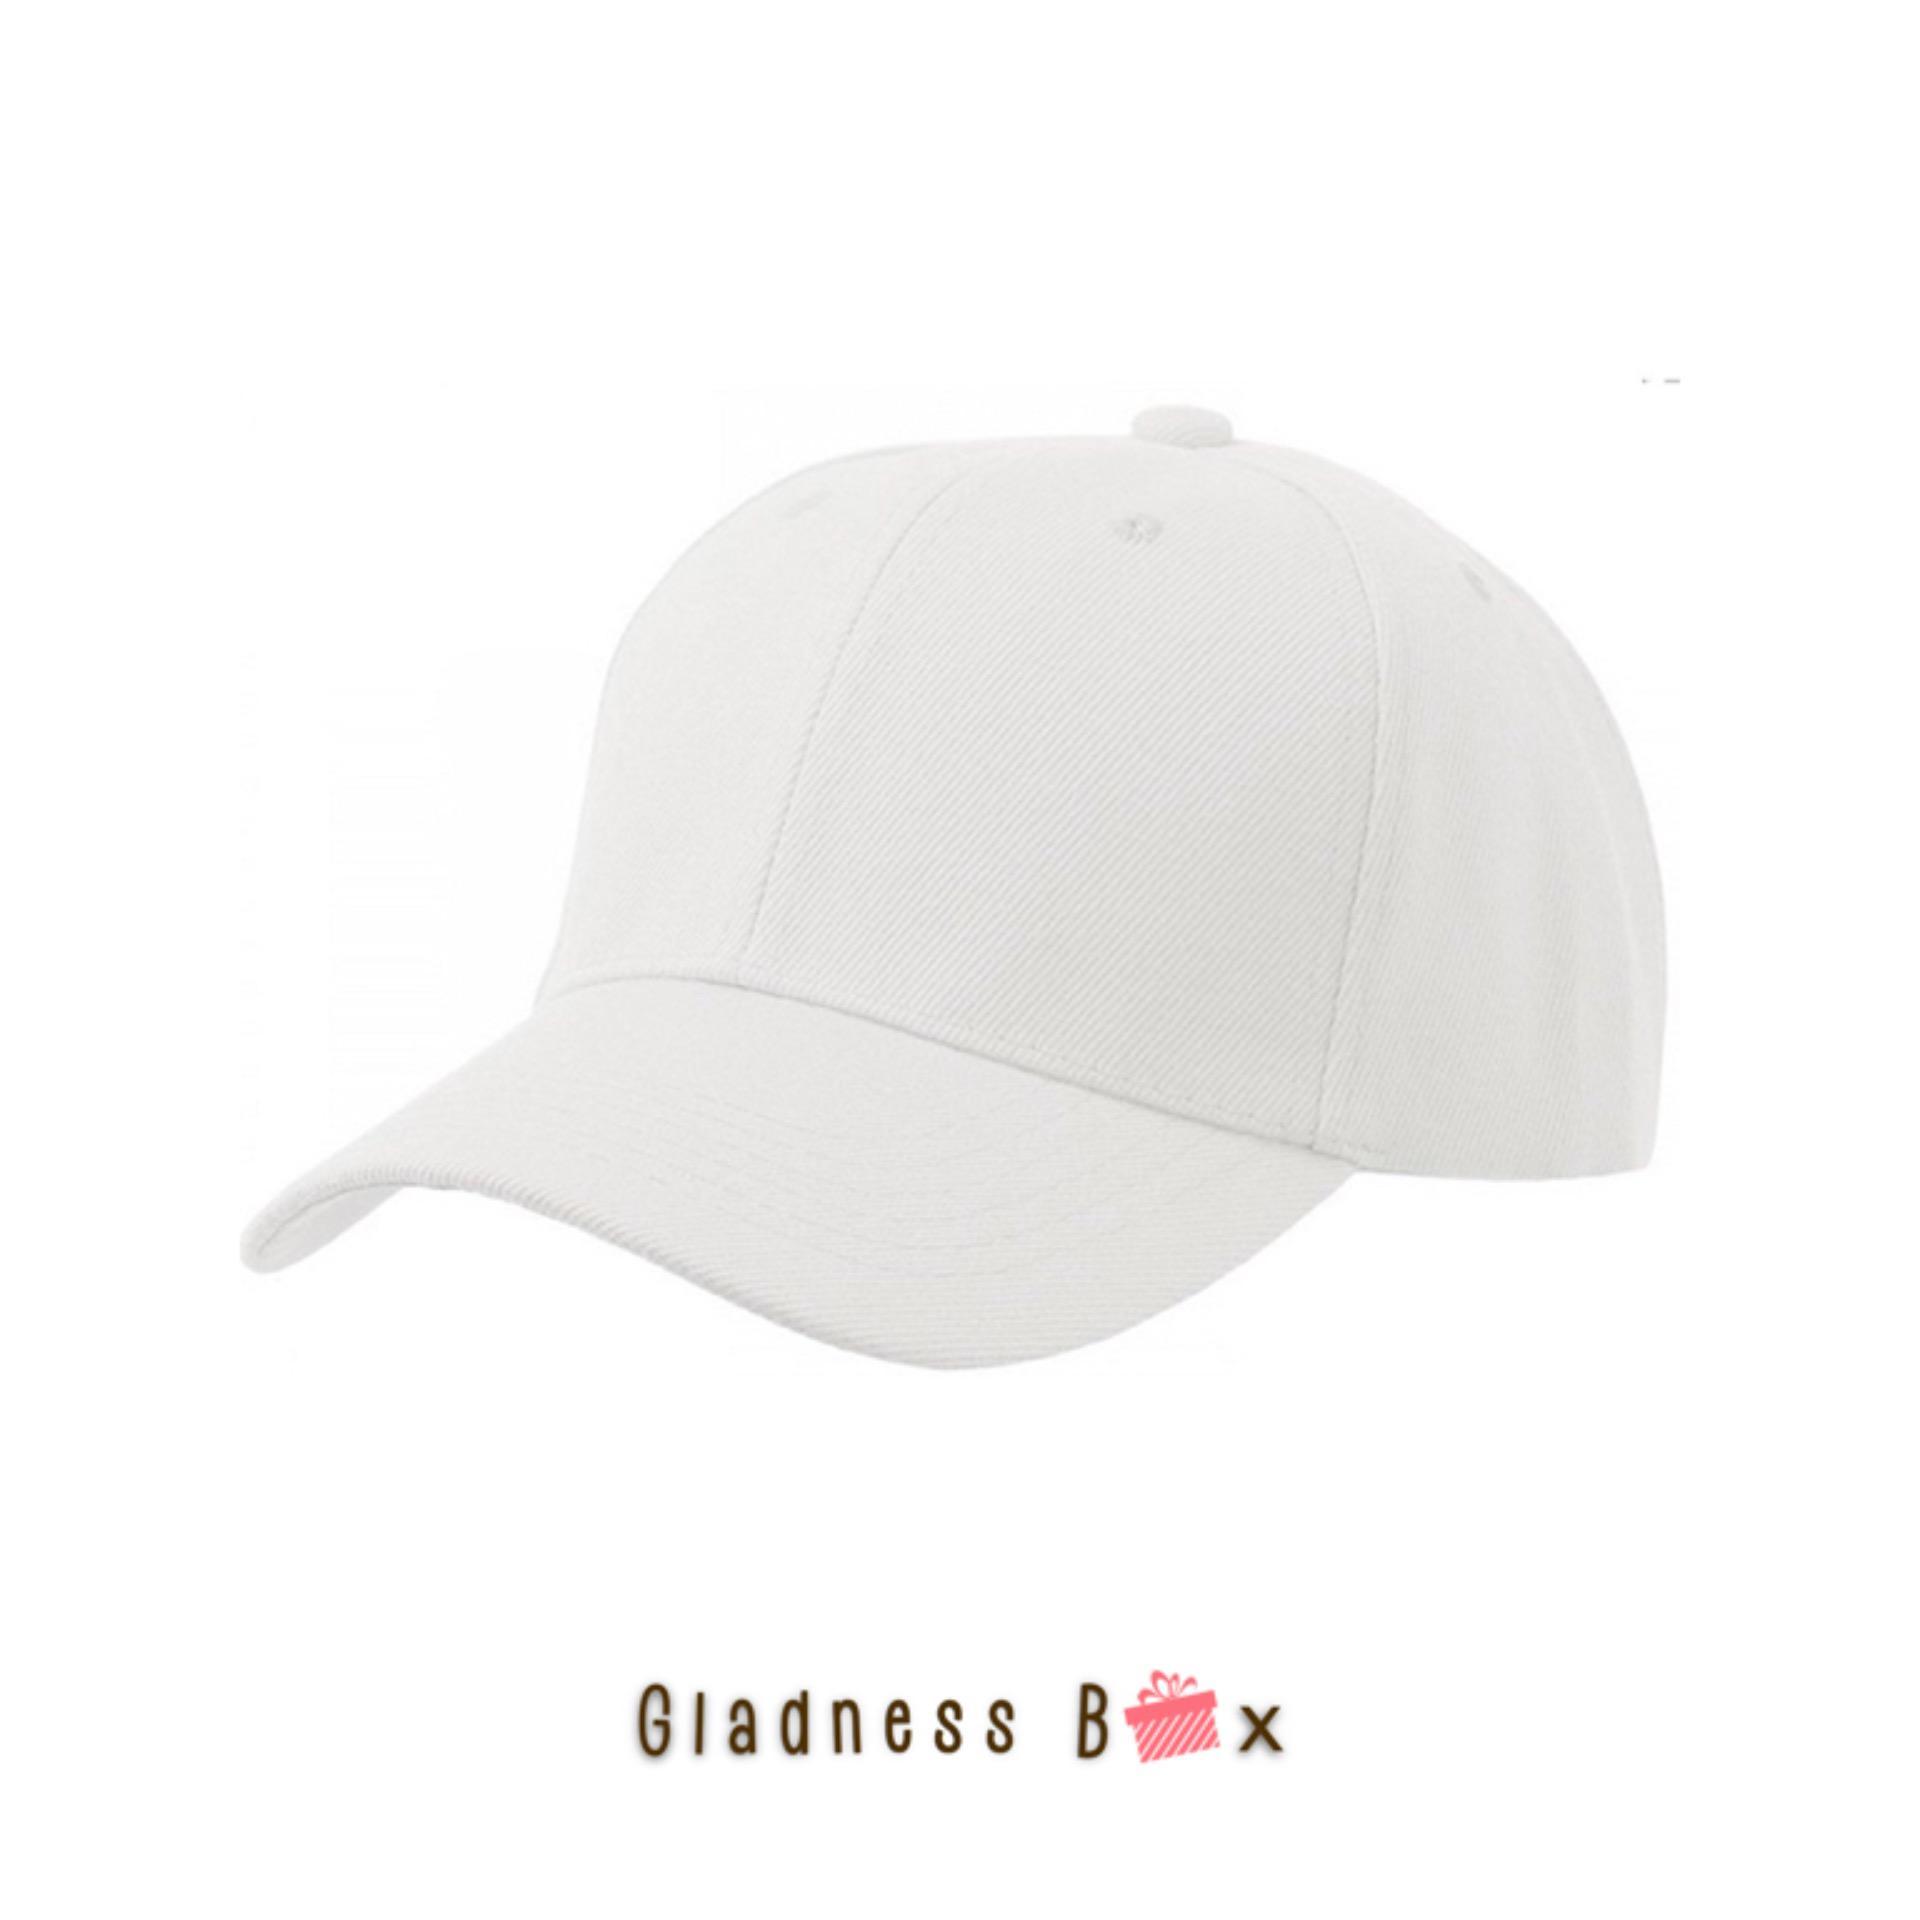 Gladness Box High Quality Plain Baseball Cap for Men Women Unisex 5215f86e3